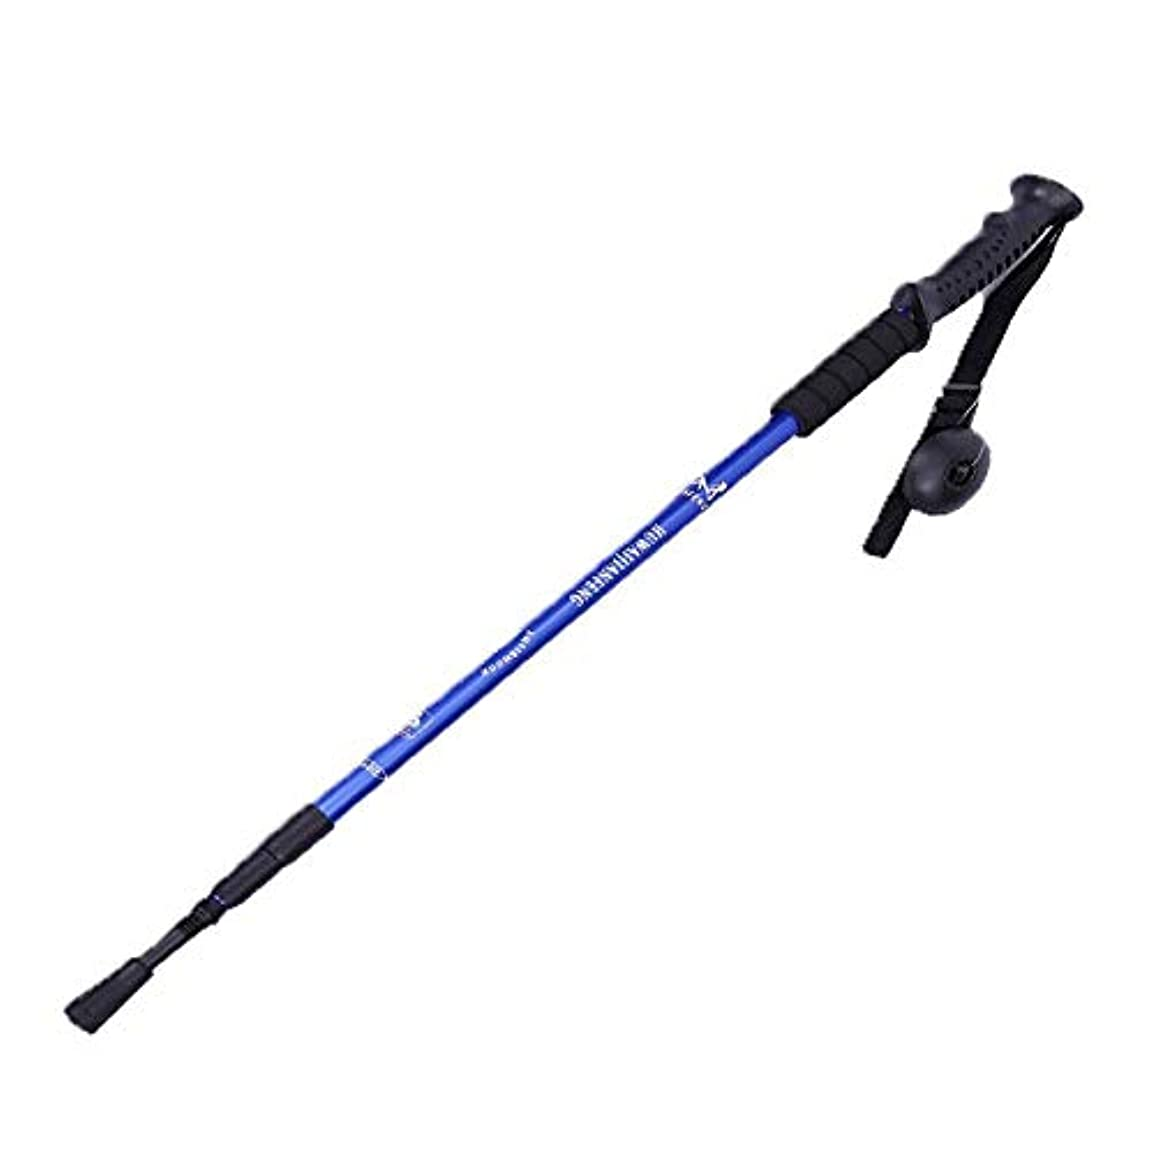 時期尚早努力するお気に入りQJXSAN トレッキング ポール屋外超軽量アルミ ショック折りたたみ杖伸縮杖